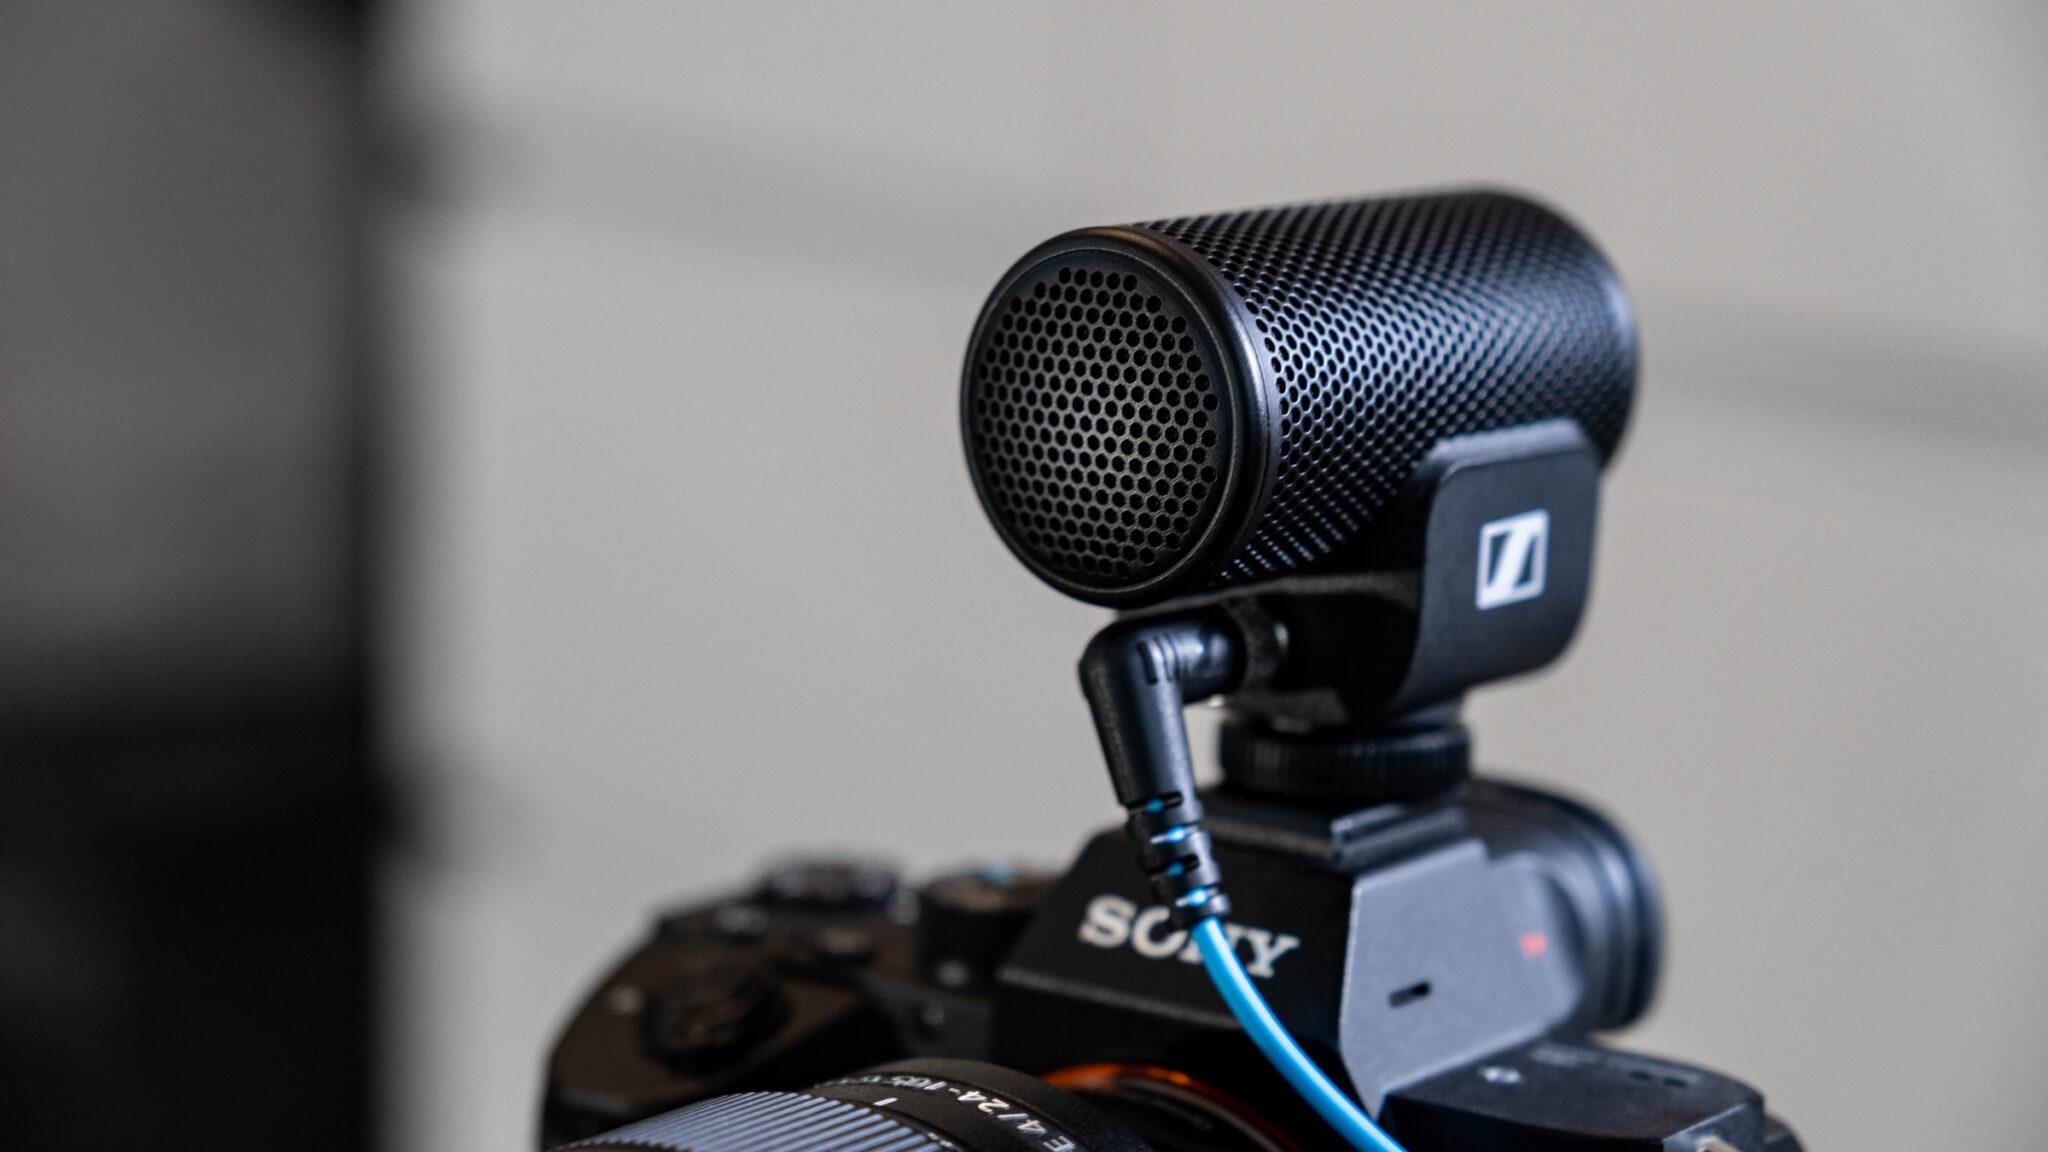 Sennheiser MKE 200 im Test: Günstiges Mikrofon-Upgrade für Kamera und Smartphone